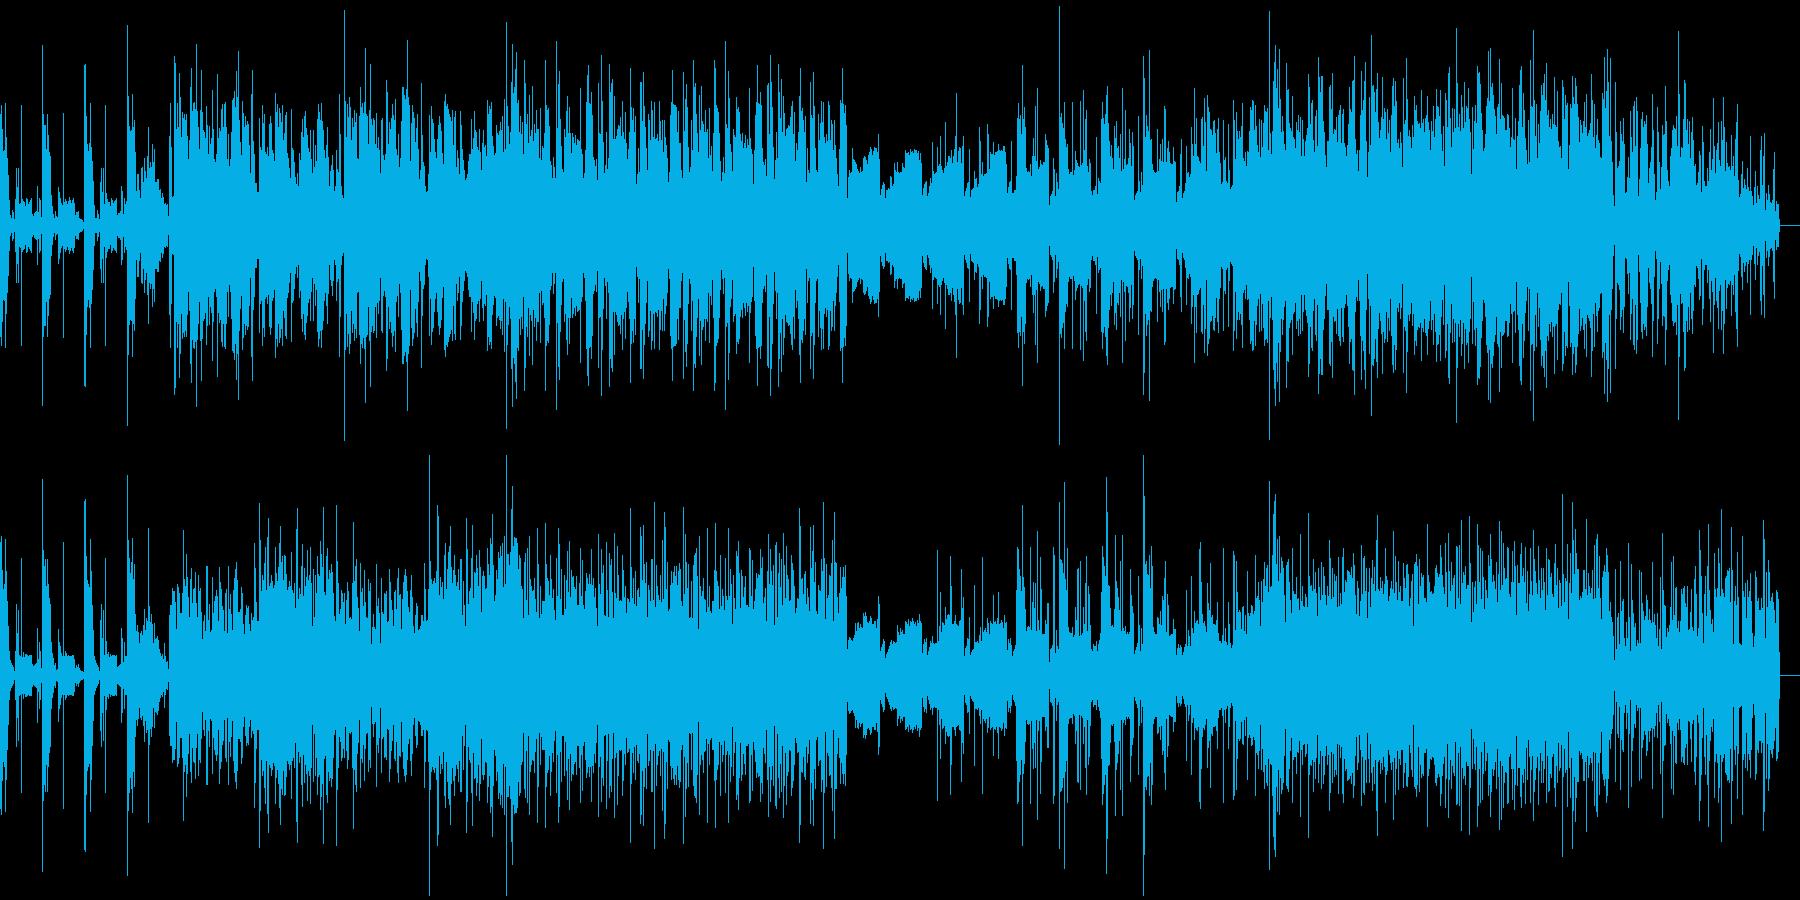 近未来型のアンドロイド・SFポップの再生済みの波形